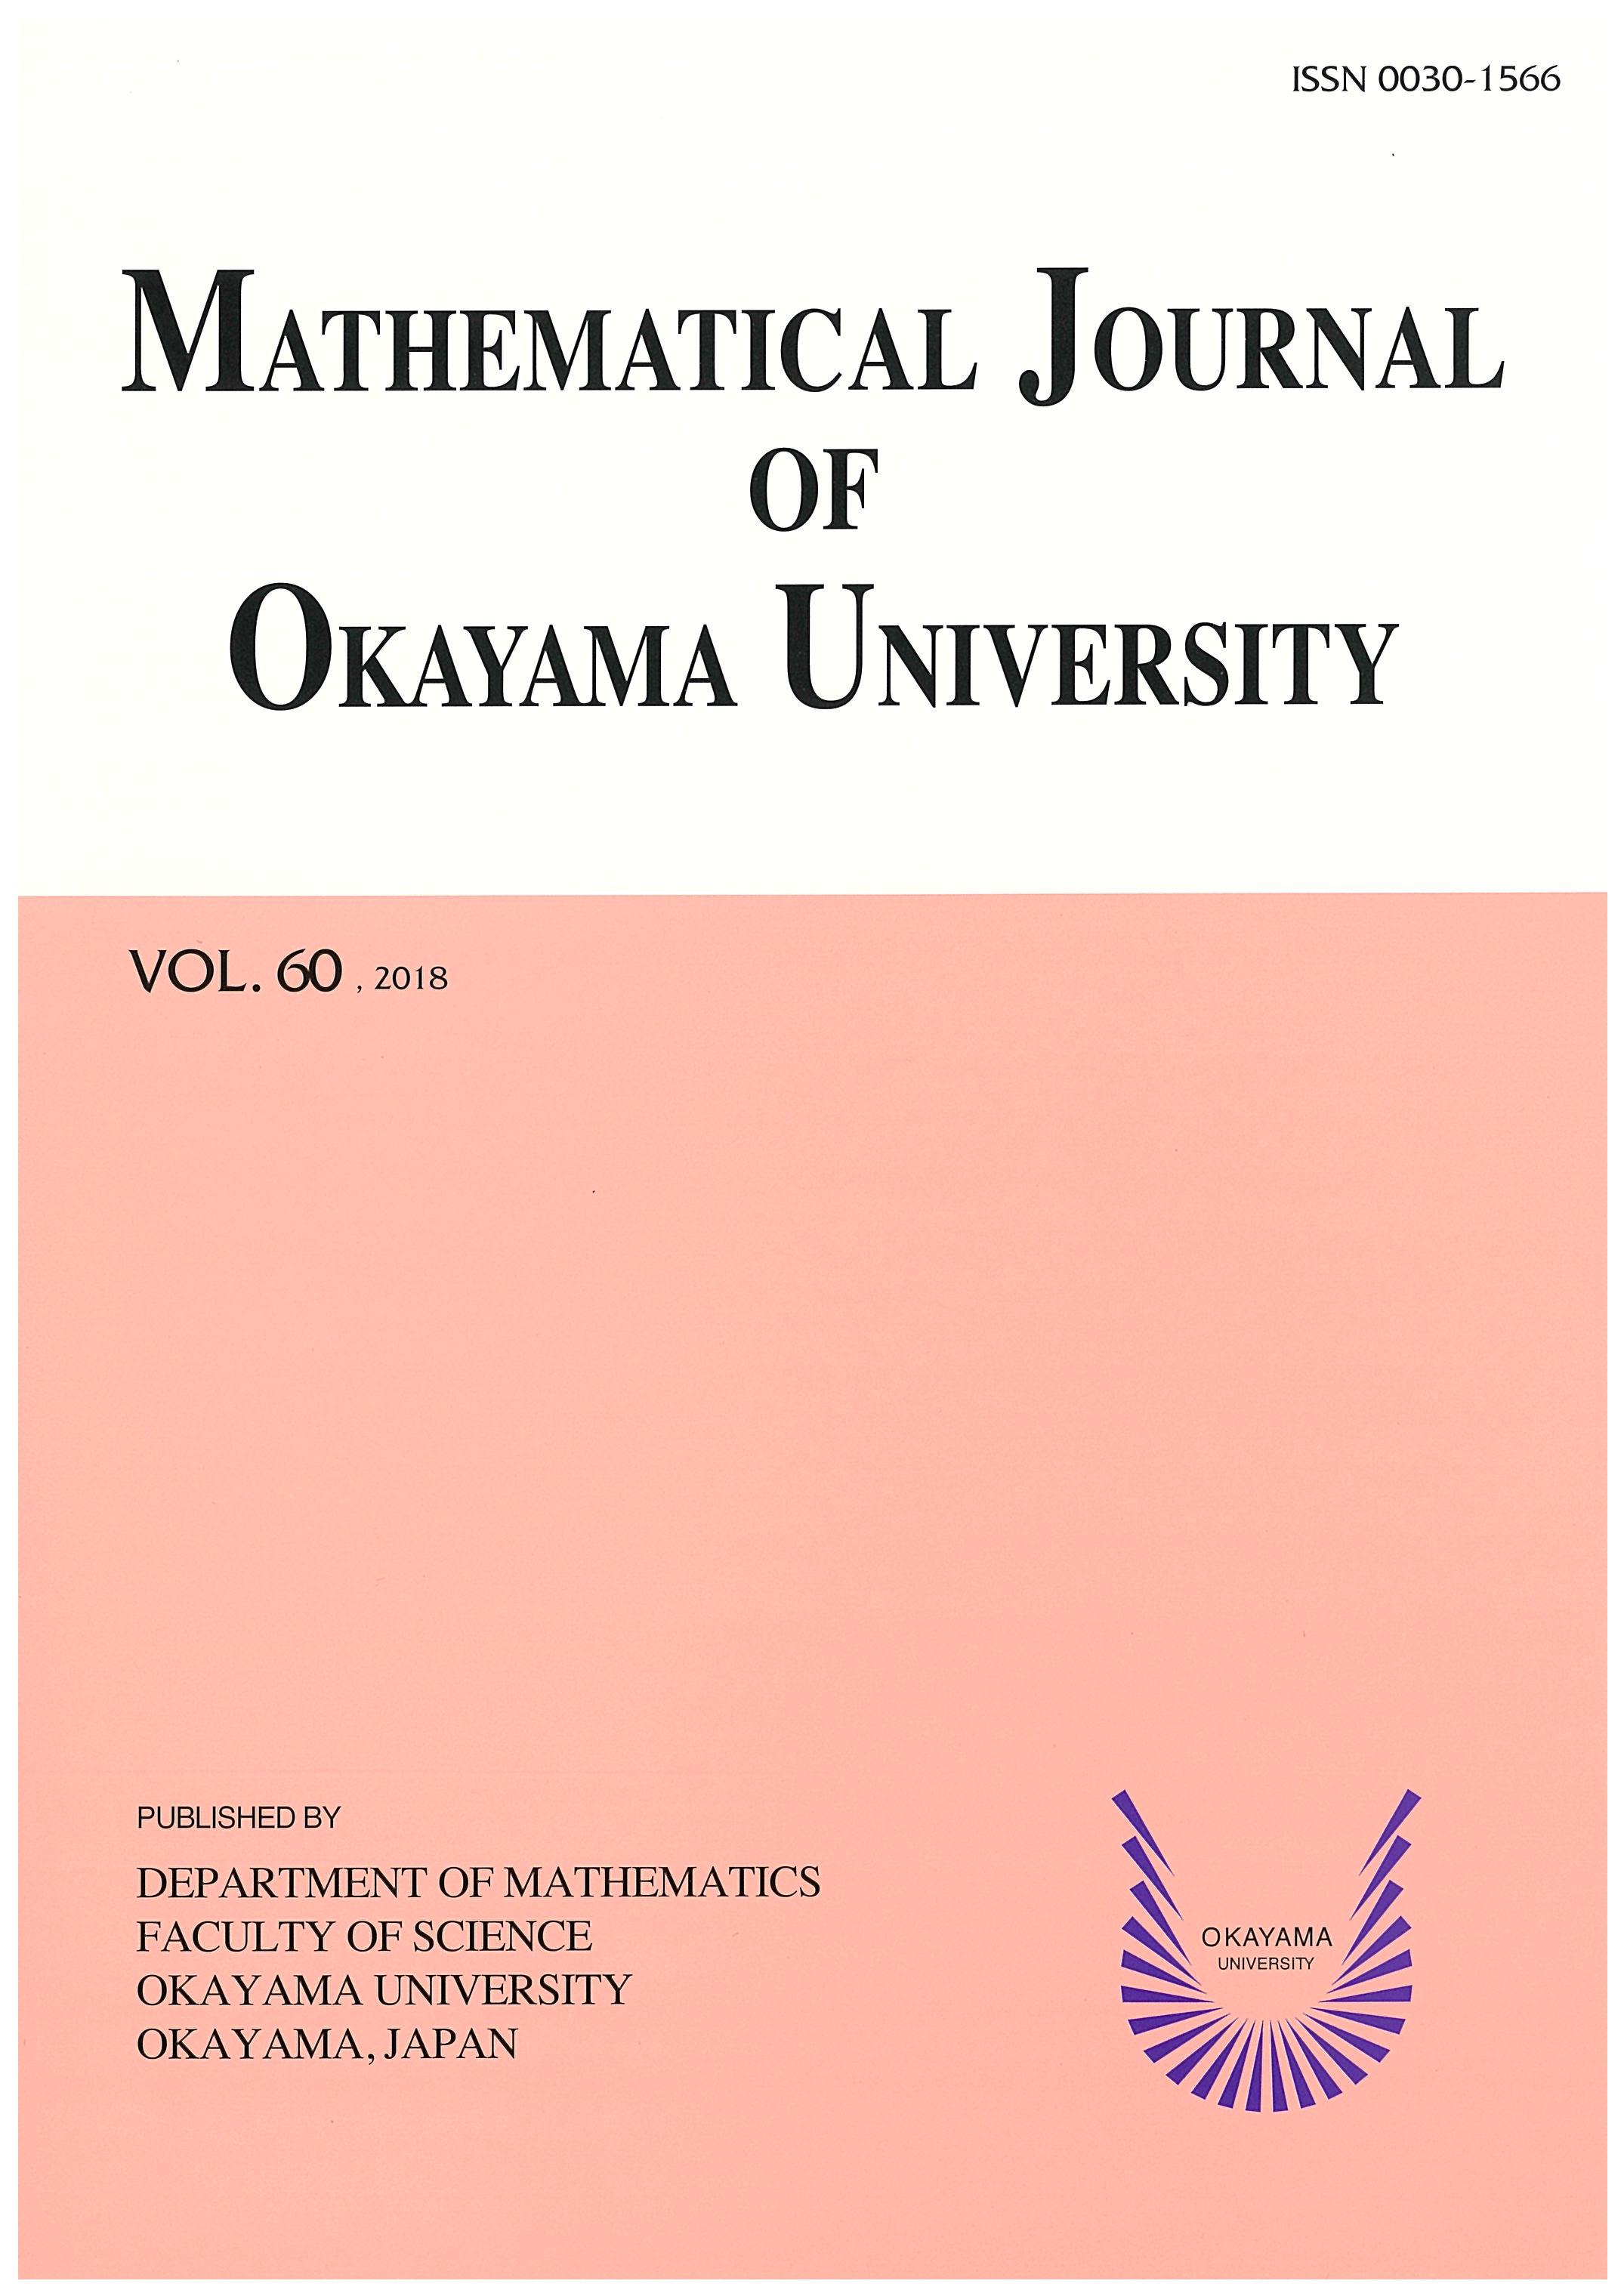 国際数学専門誌